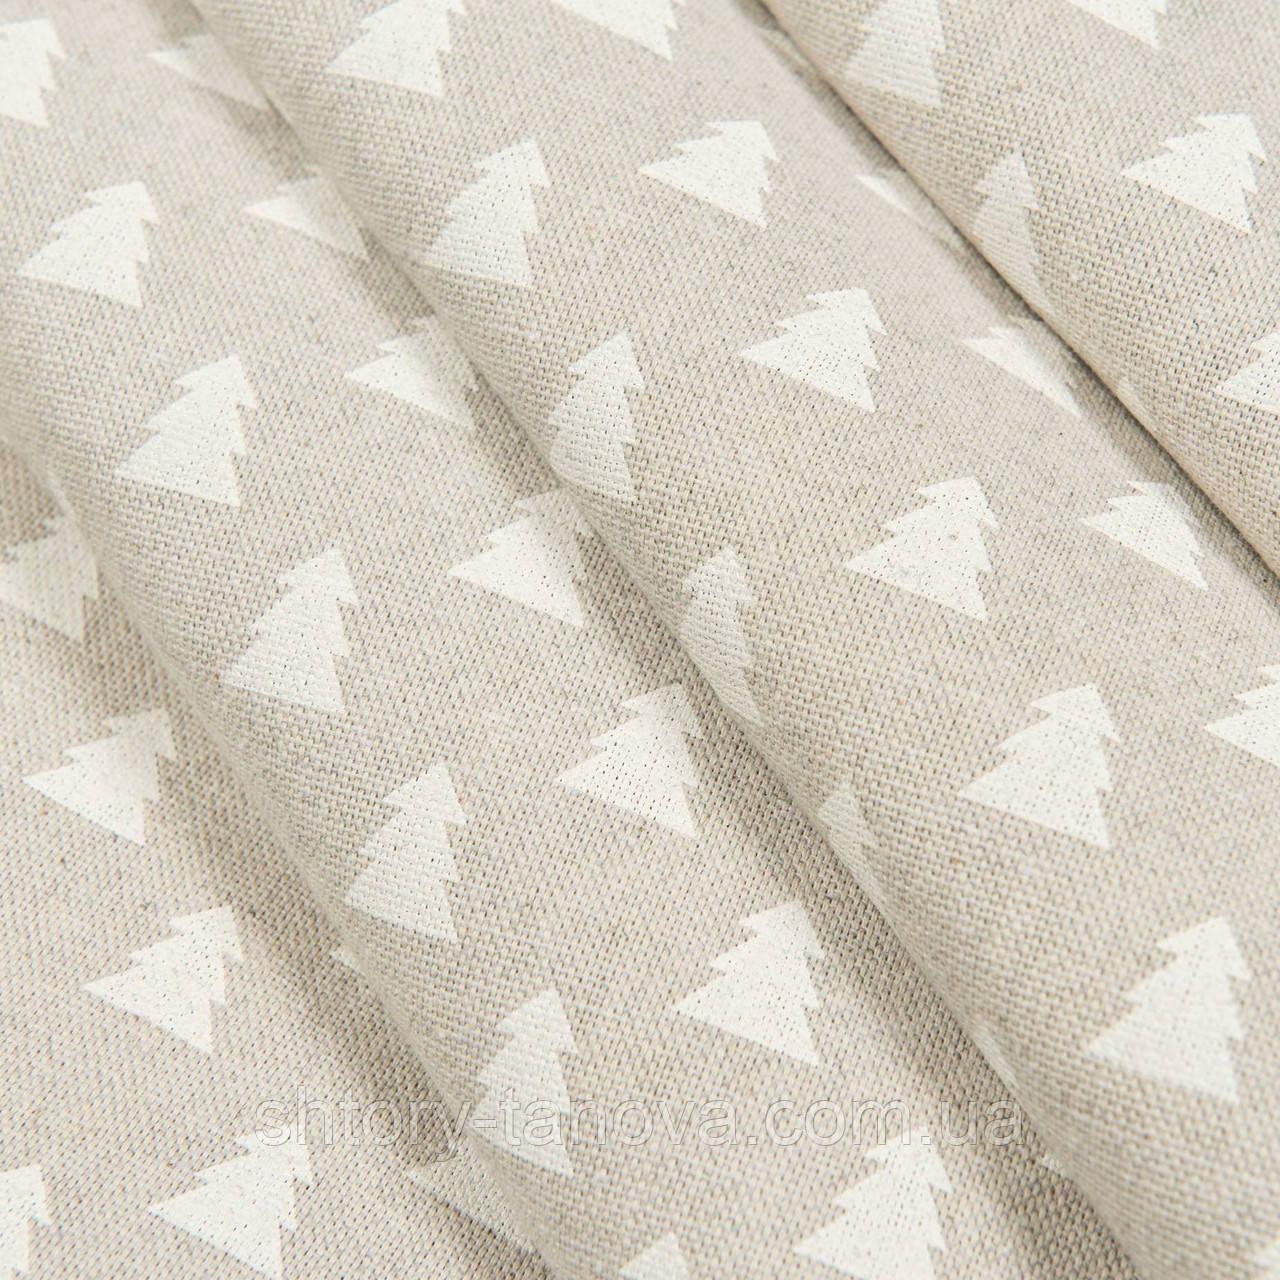 Декоративная ткань, хлопок 75%, полиэстер 25%, с новогодним принтом, ёлочки